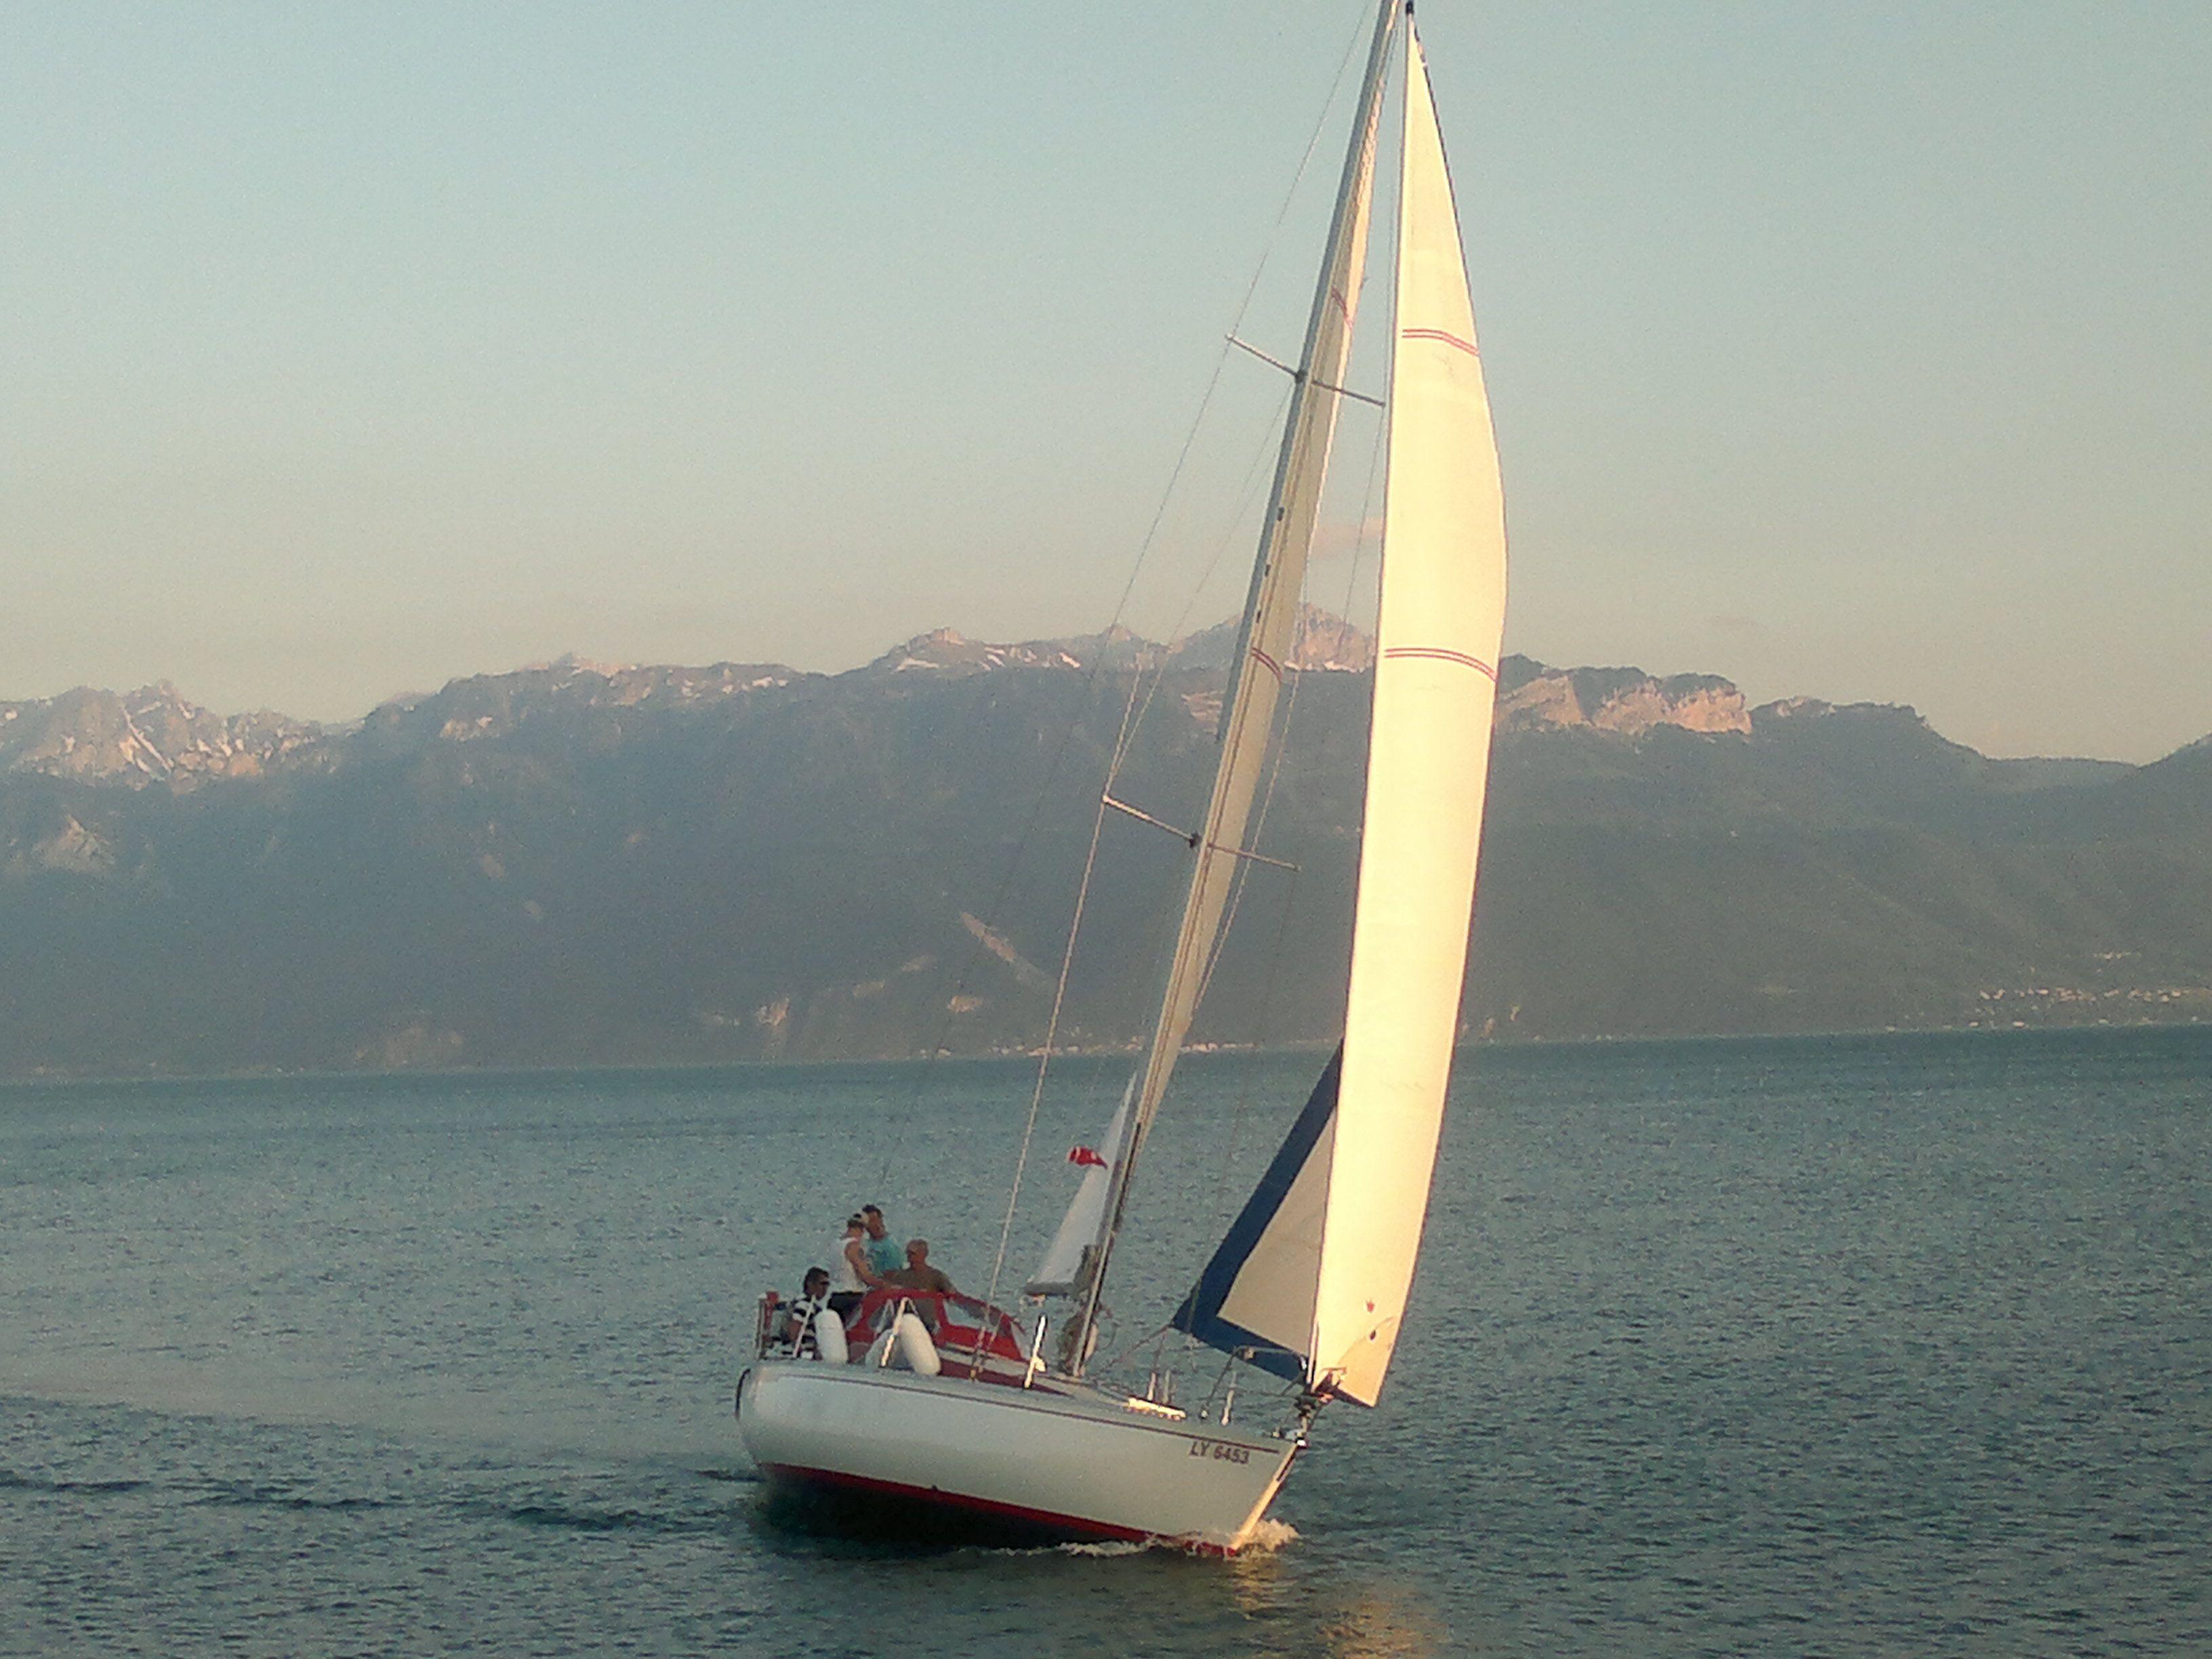 Lac Léman Switzerland May 2012